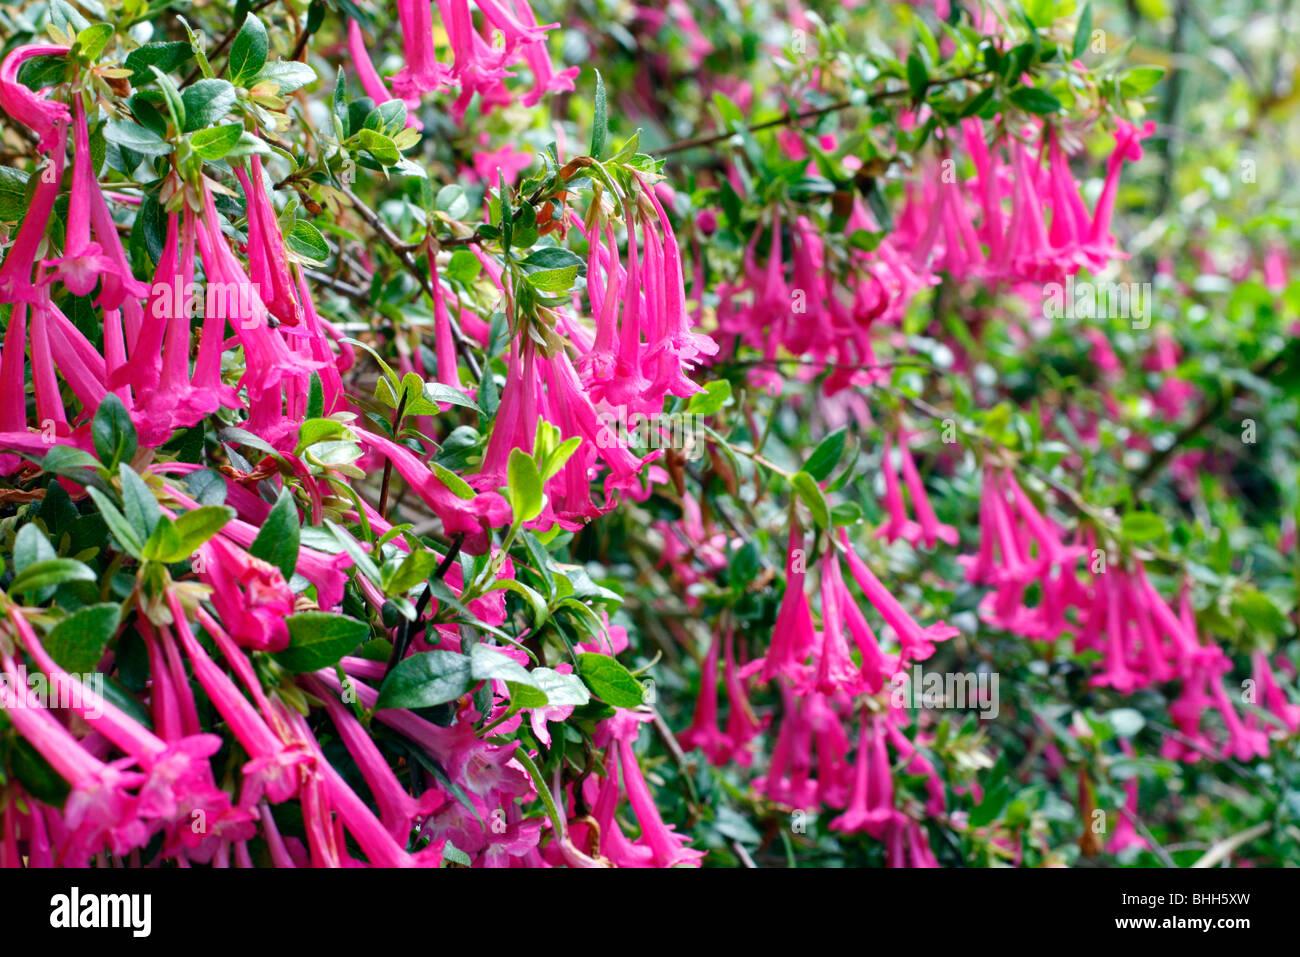 Abelia Stock Photos Abelia Stock Images Page 3 Alamy